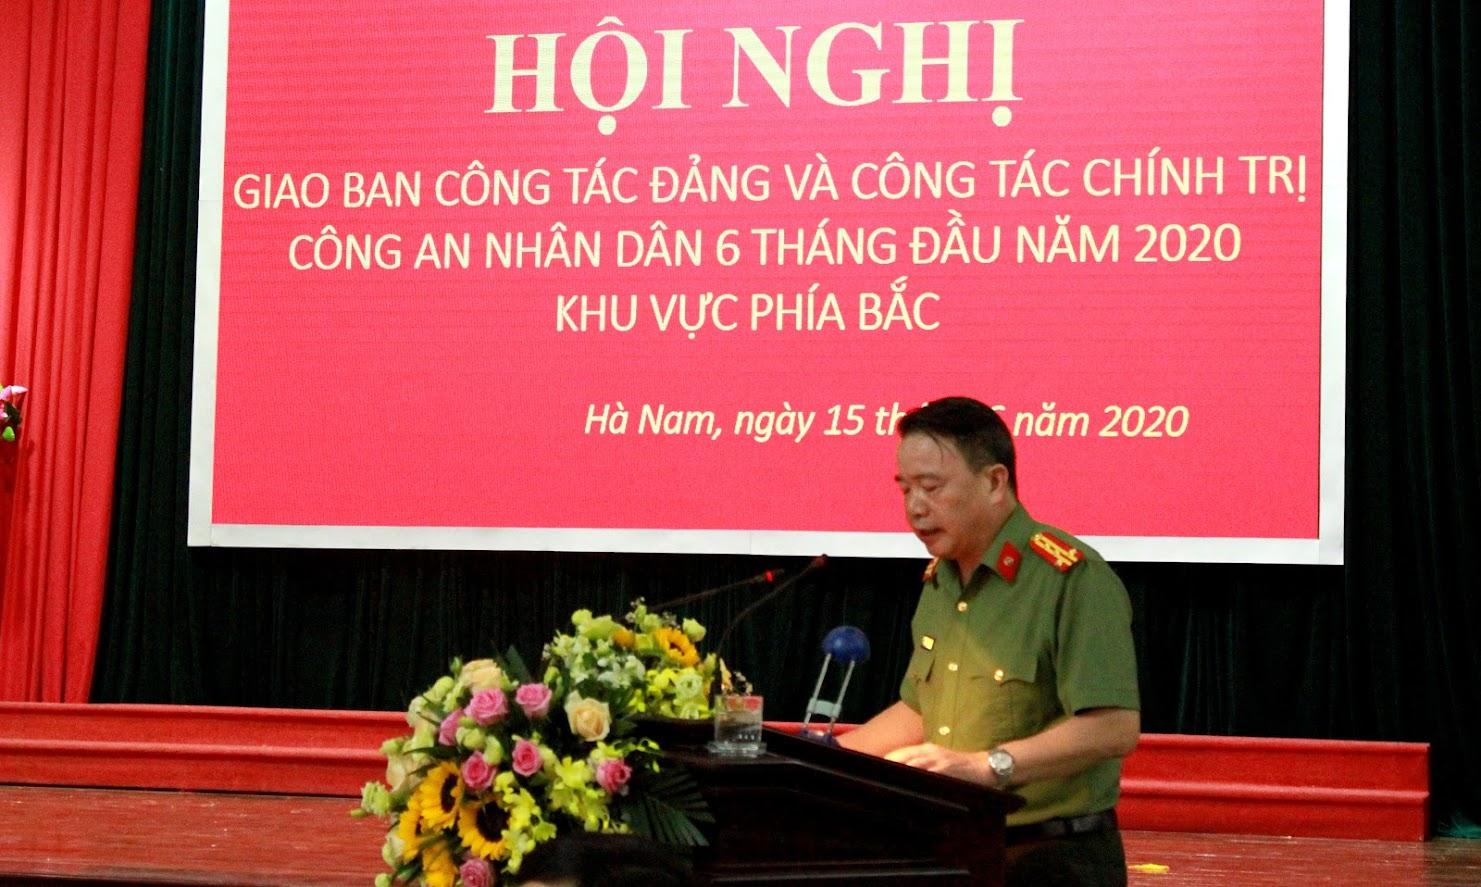 Đại tá Nguyễn Văn Trung, Giám đốc Công an tỉnh Hà Nam phát biểu đáp từ và bế mạc Hội nghị.